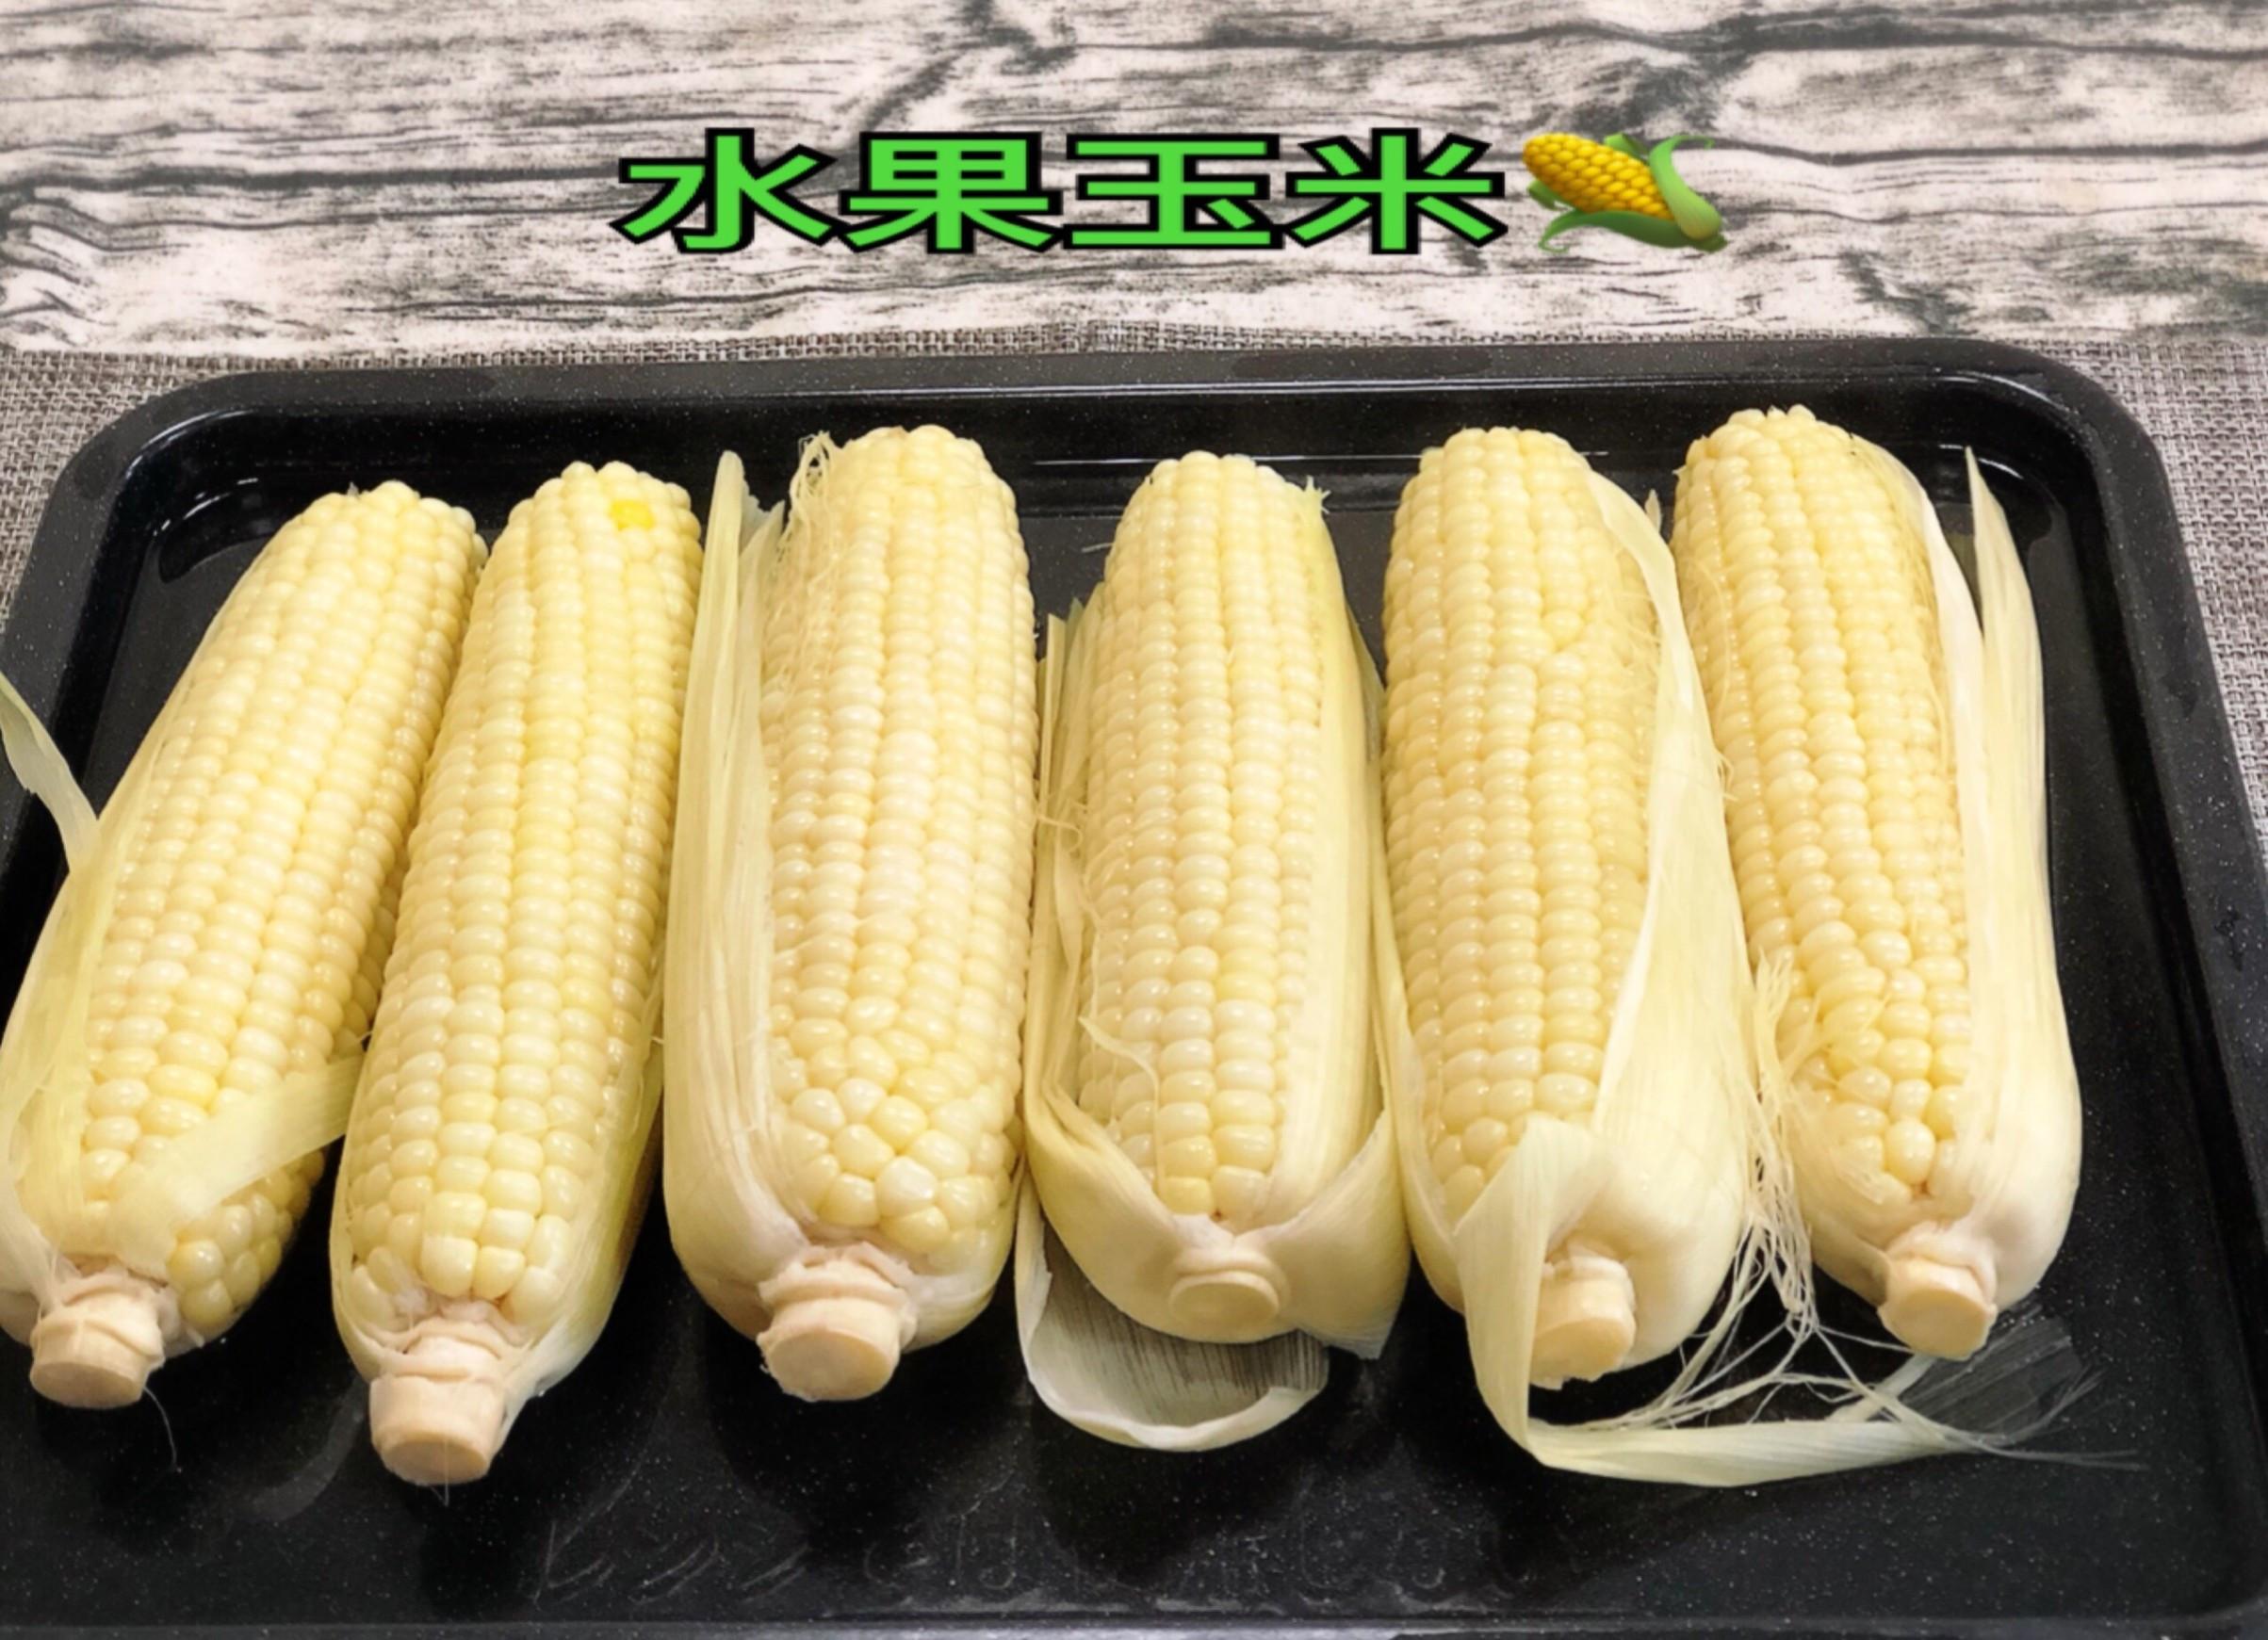 水果玉米(水波爐料理)